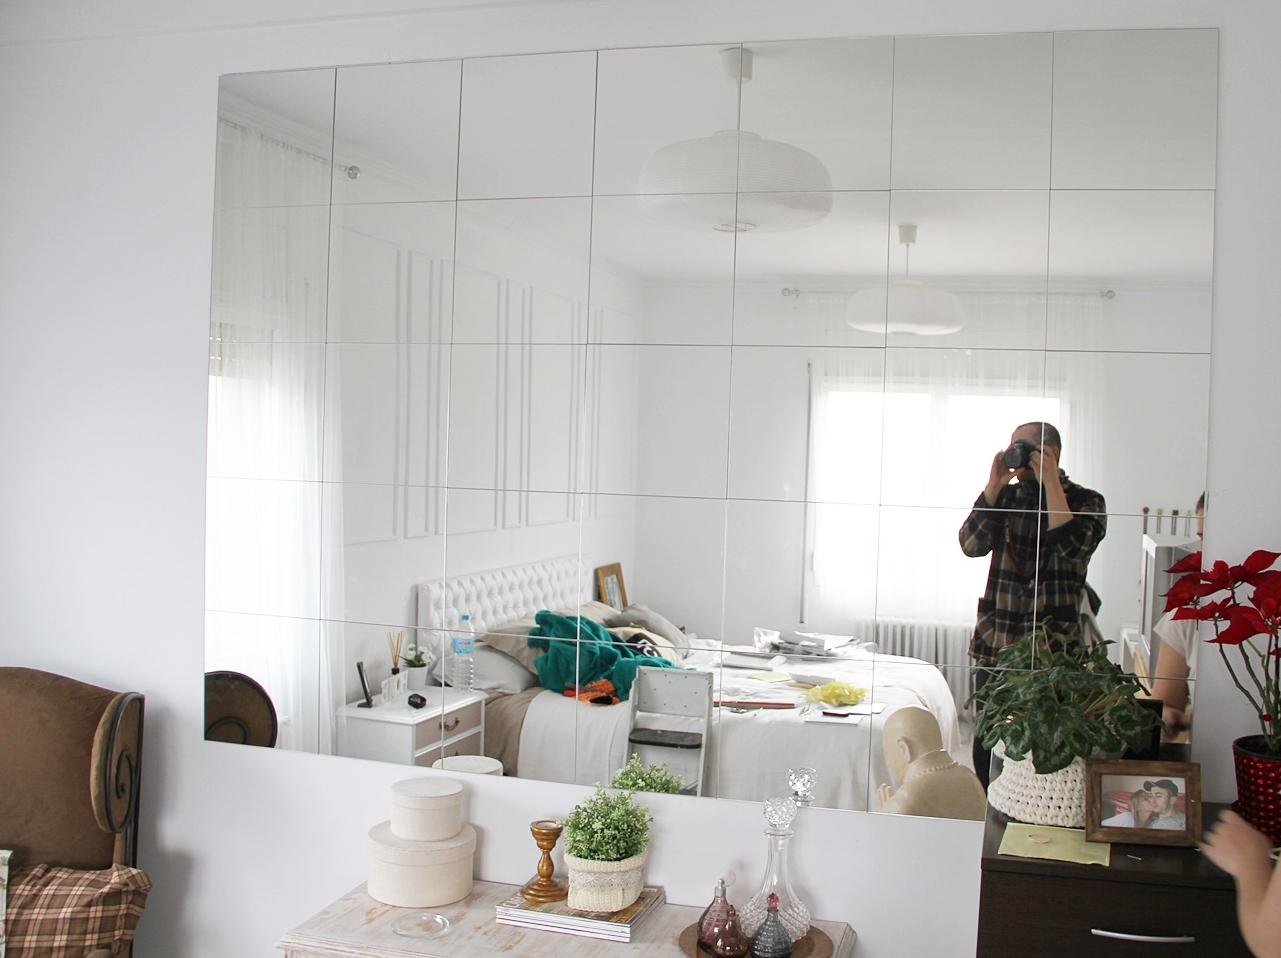 Diy montando una pared de espejos alquimia deco for Espejos para pegar